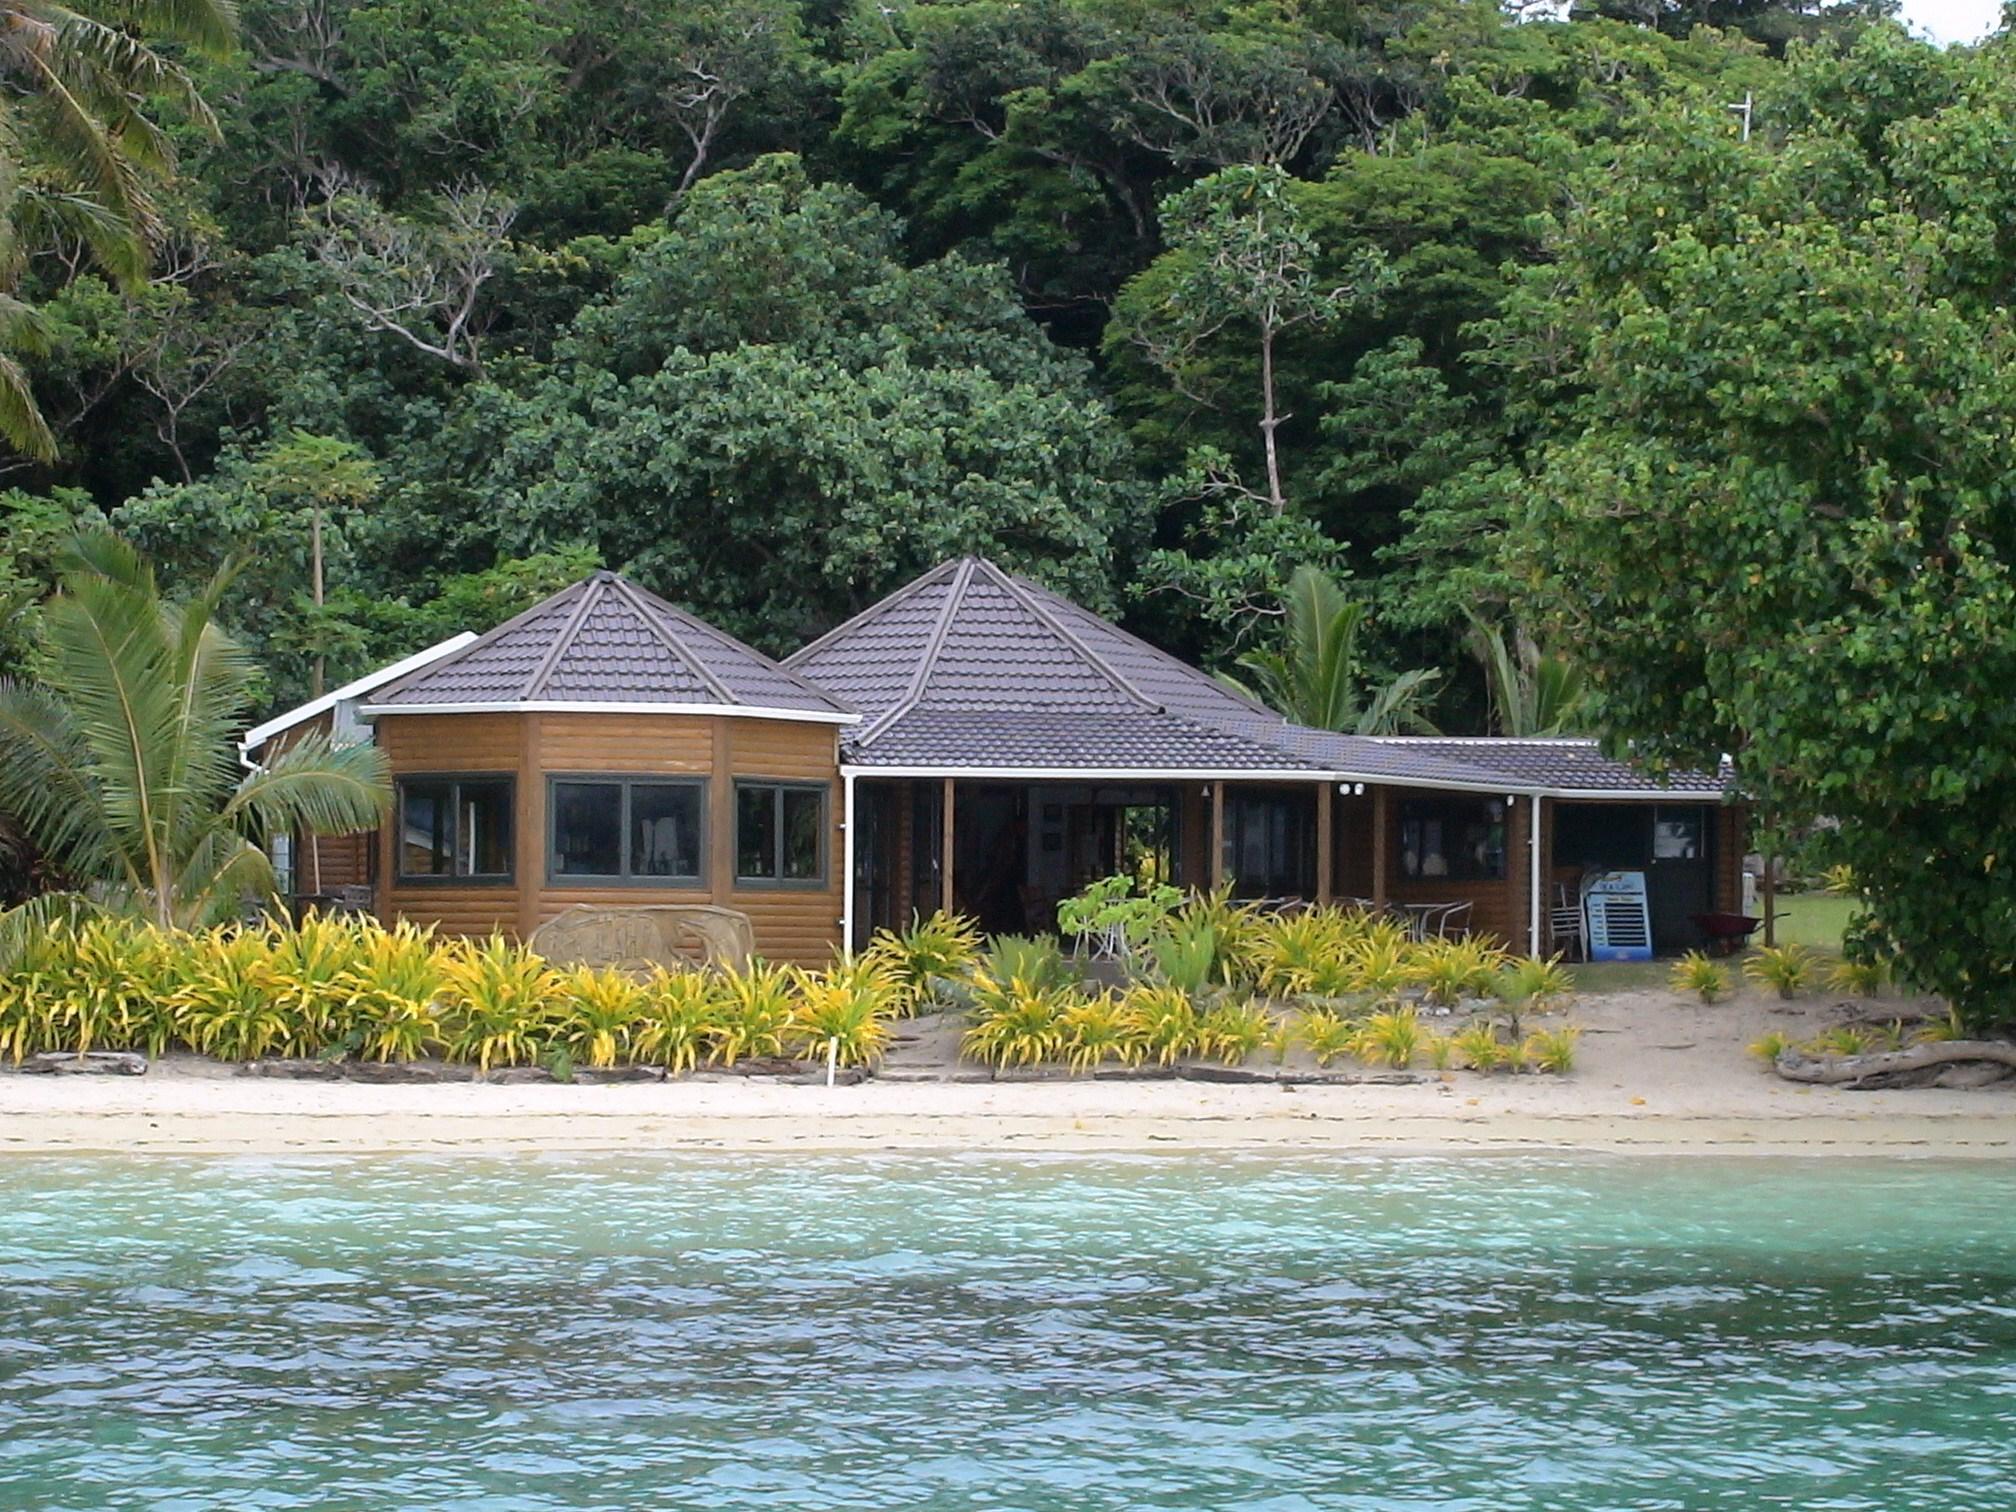 Ika Lahi Lodge